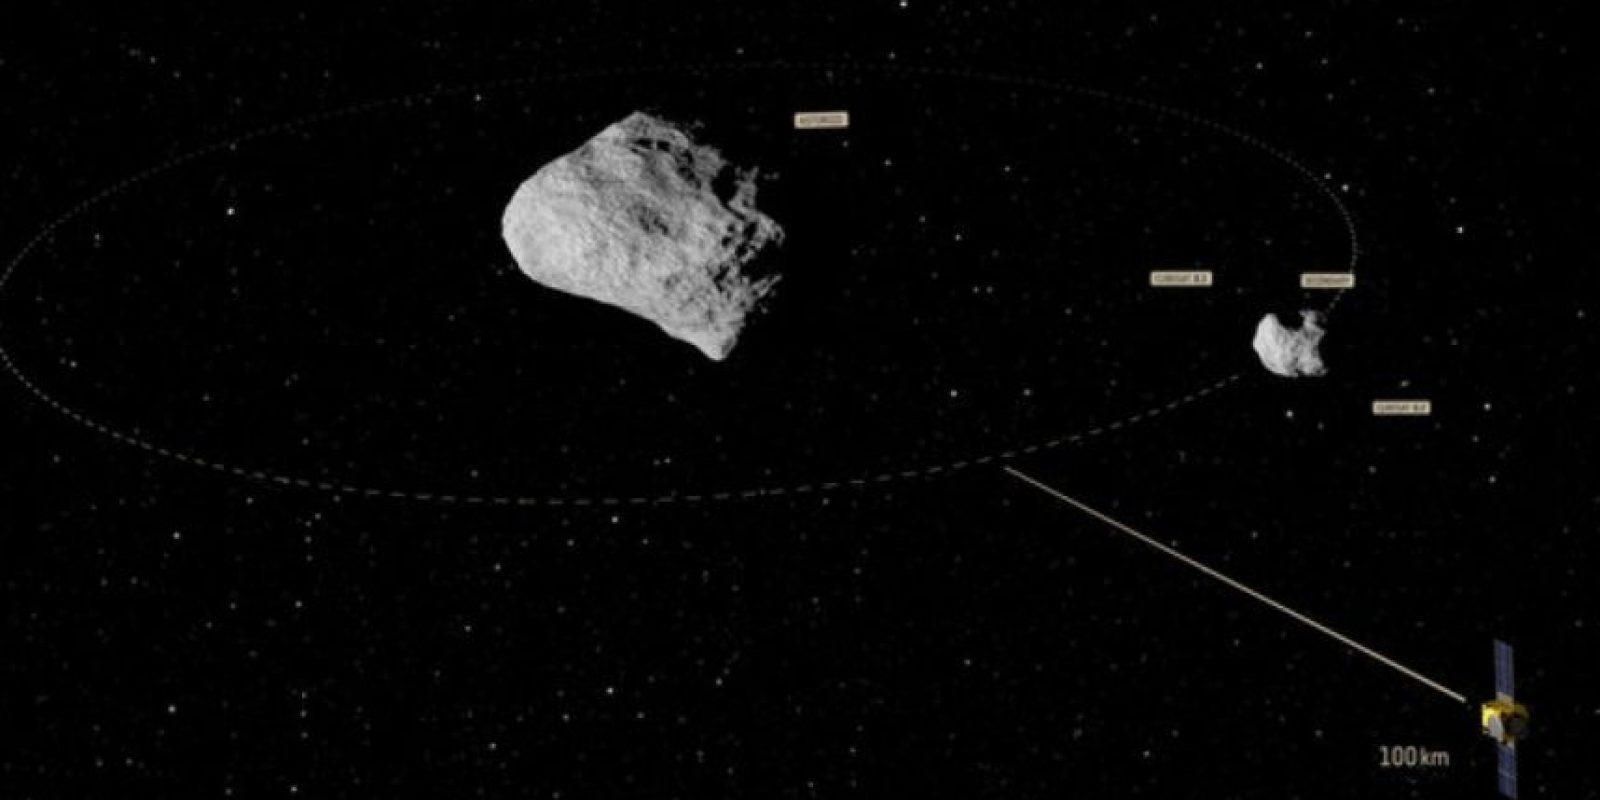 De acuerdo con los científicos, así luce el asteroide Didymos y su luna Didymoon. Foto:Vía esa.int